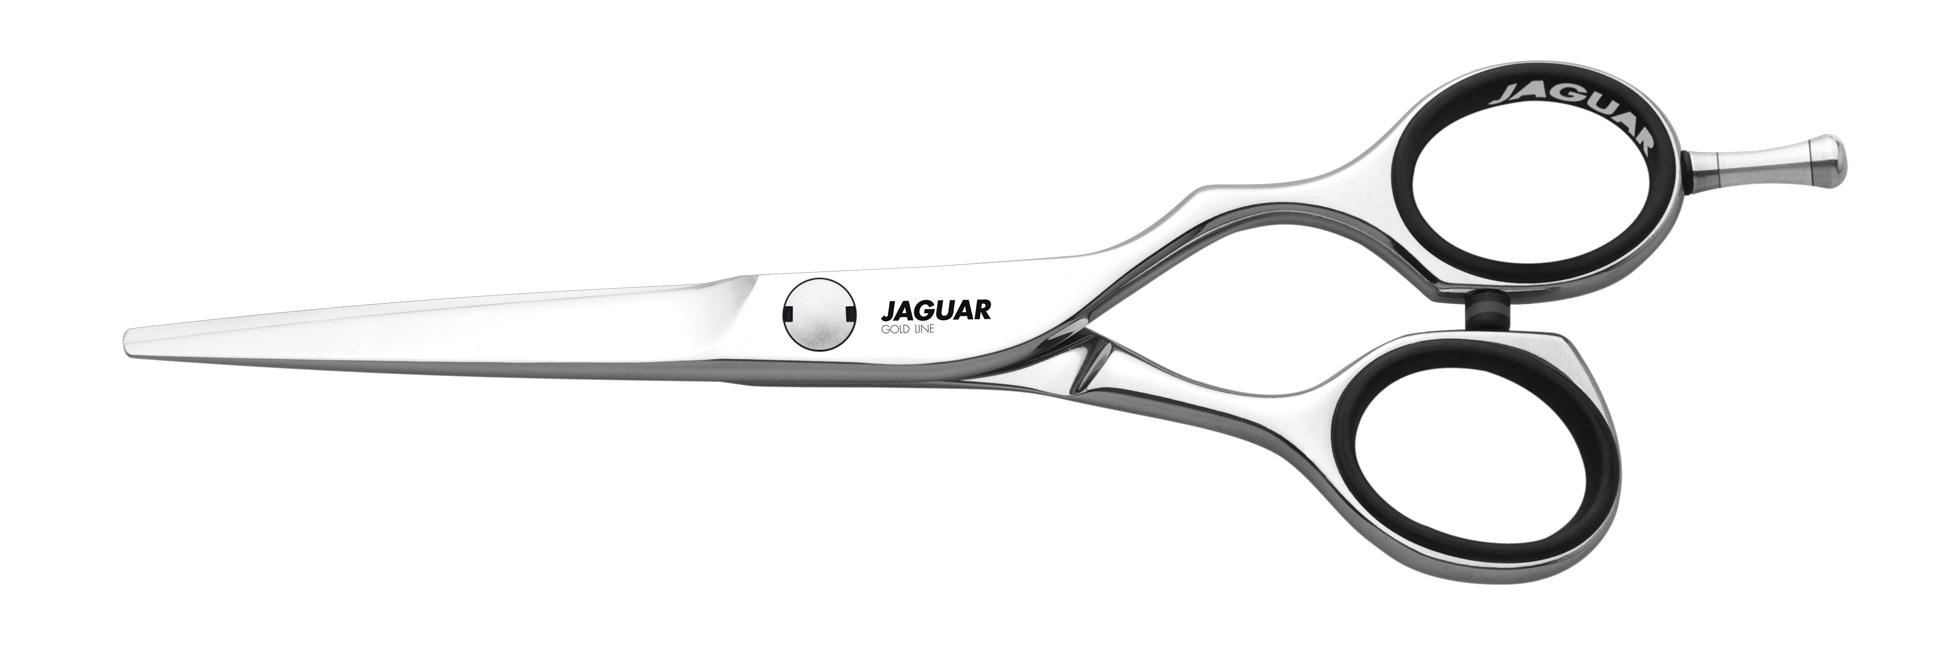 """JAGUAR Ножницы Jaguar Diamond E 5(13cm)GLНожницы <br>DIAMOND E 5"""" = 13.0 cm. Offset дизайн обеспечивает эргономичное расположение ручек и возможность работы без напряжения. Загнутое кольцо для большого пальца обеспечивает очень удобное рабочее положение без мест сдавливаний. Длинна полотен ножниц: 13 см.<br><br>Класс косметики: Профессиональная"""